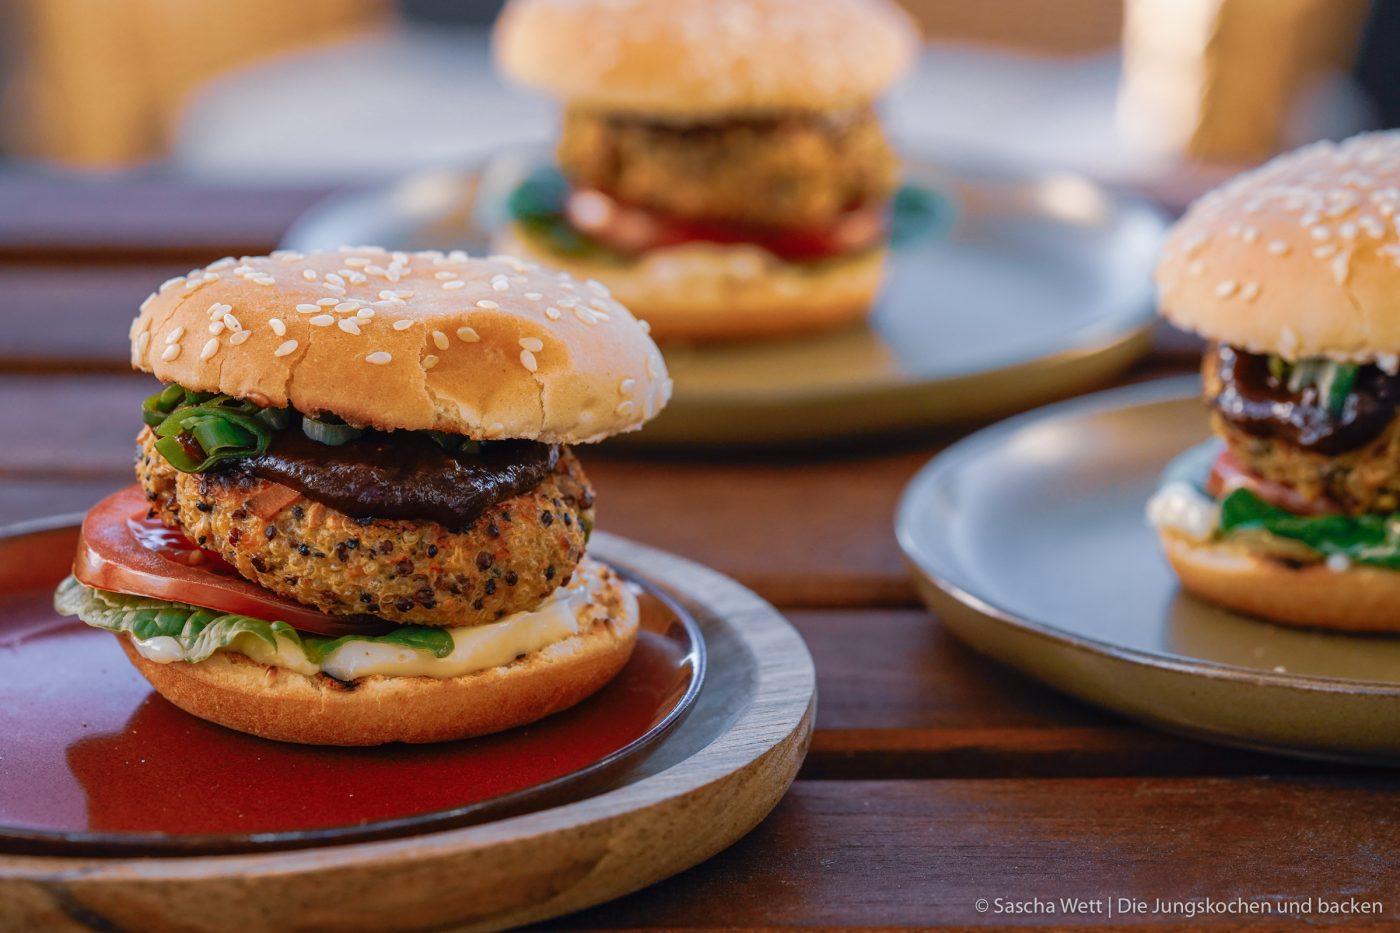 Veggie Burger erdnuss quinoa 10 | Wir zelebrieren den Tag der Erdnuss! Was darf bei einer ordentlichen Party nie fehlen? Eine standesgemäße Torte natürlich - in diesem Fall eine Apfel-Erdnuss-Torte. Gemeinsam mit unserem Partnerültjeladen wir euch ein, mitzufeiern, denn die Erdnuss ist jede Party wert. Die Erdnuss gepaart mit Apfel gibt eine wunderbar fruchtige Kombination, die mit einem italienischen Biskuit und einer leichten Buttercreme einfach unwiderstehlich lecker ist.